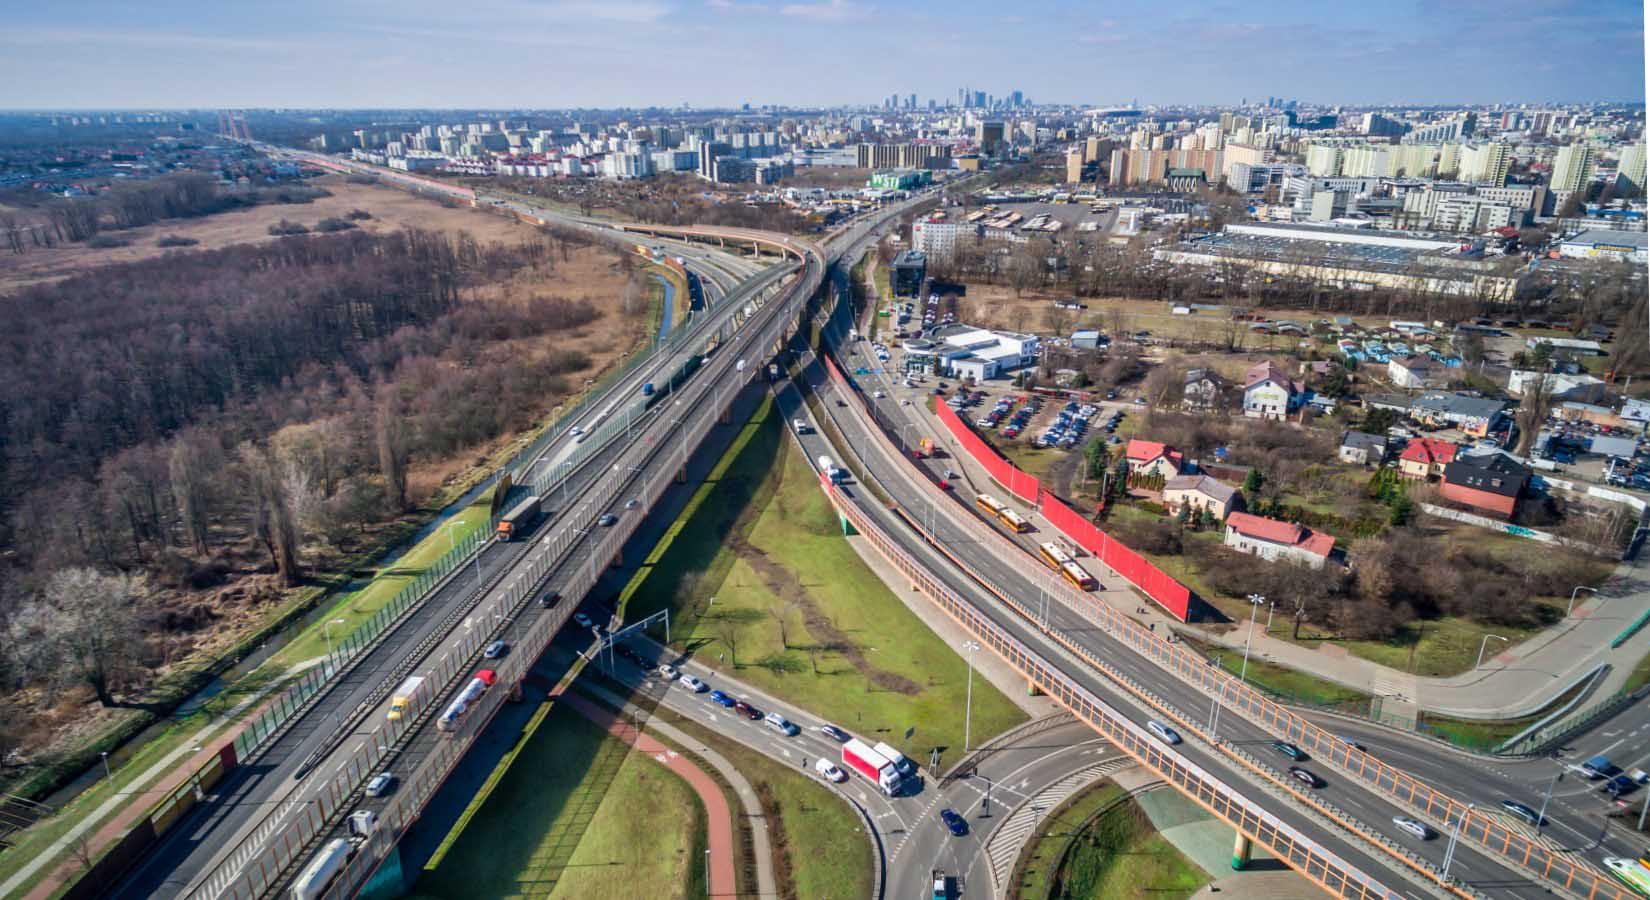 Drogi prowadzące do stolicy, zdjęcie z drona